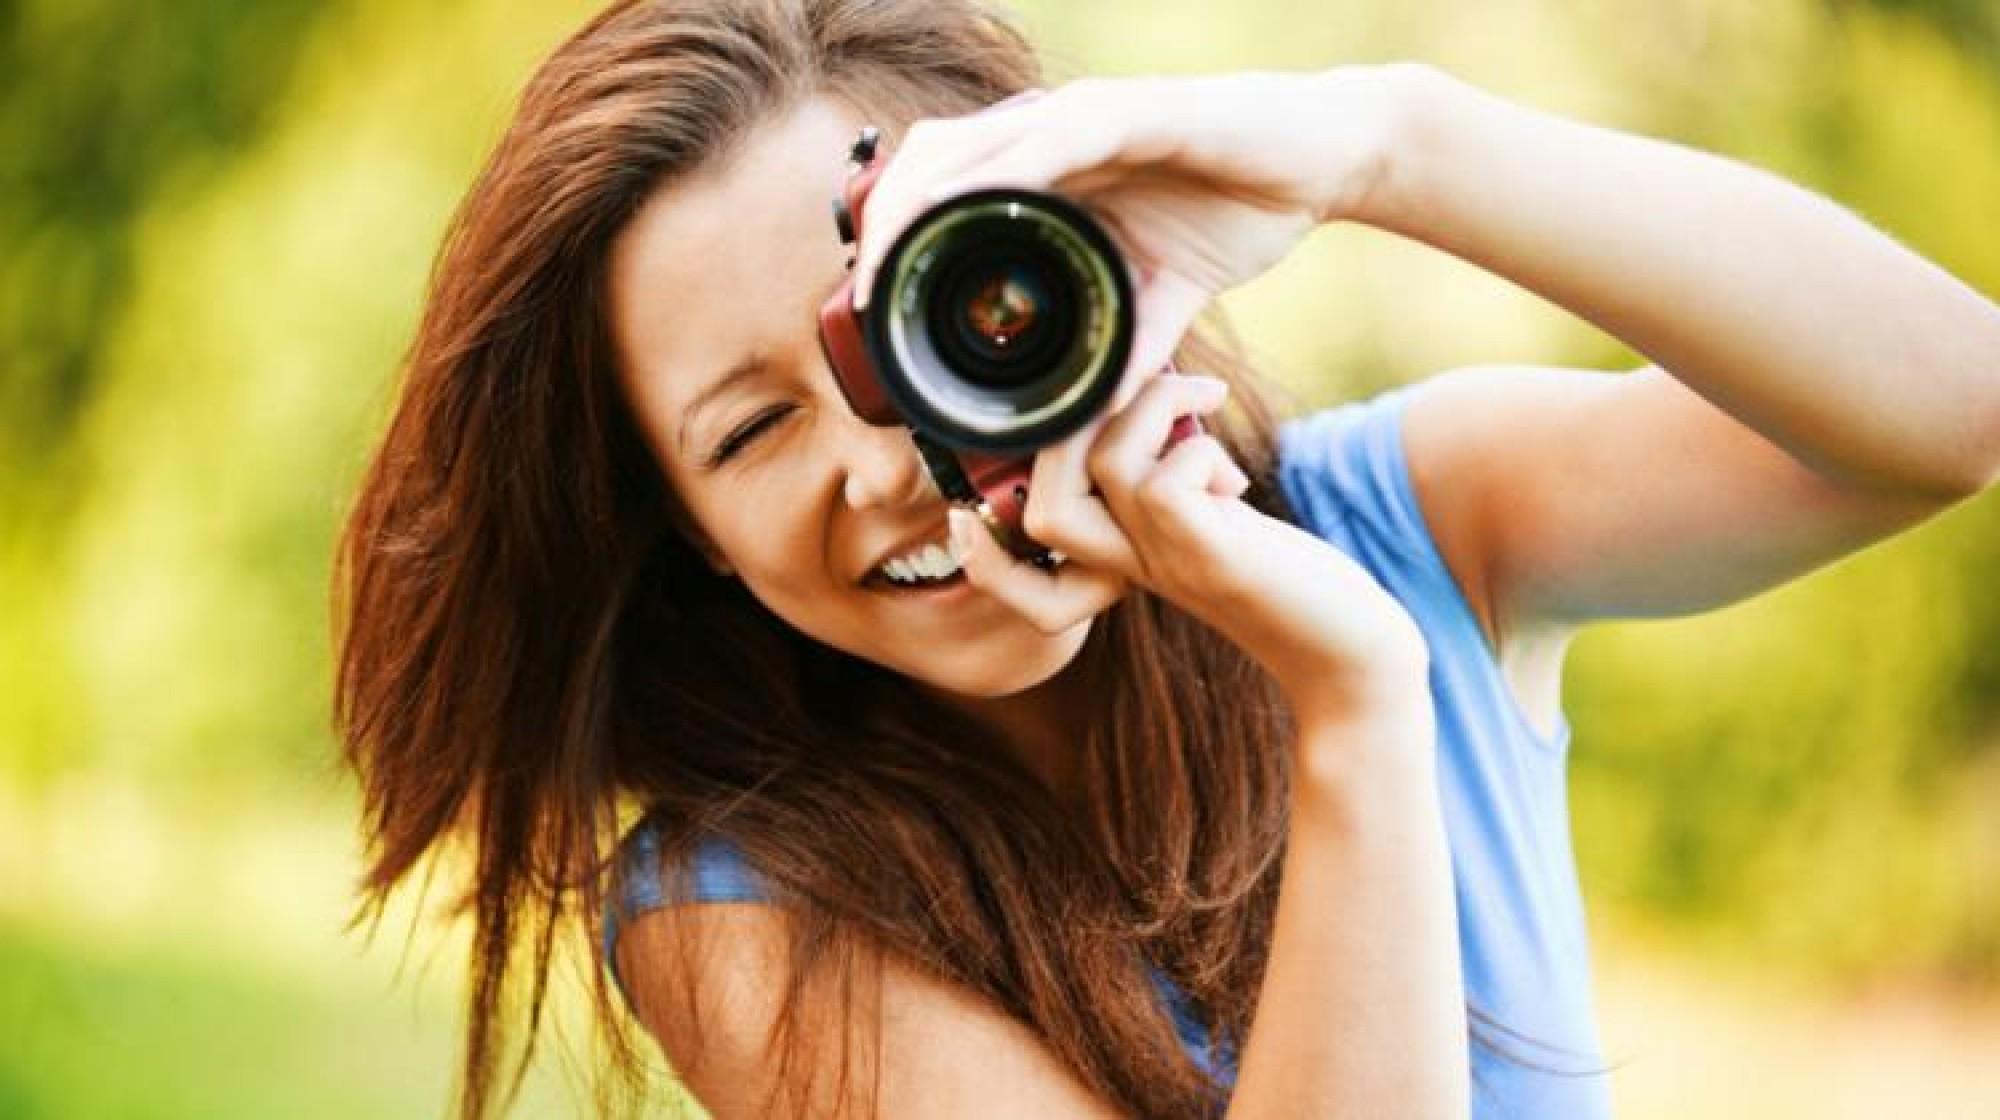 Ogłaszamy internetowy konkurs fotograficzny!